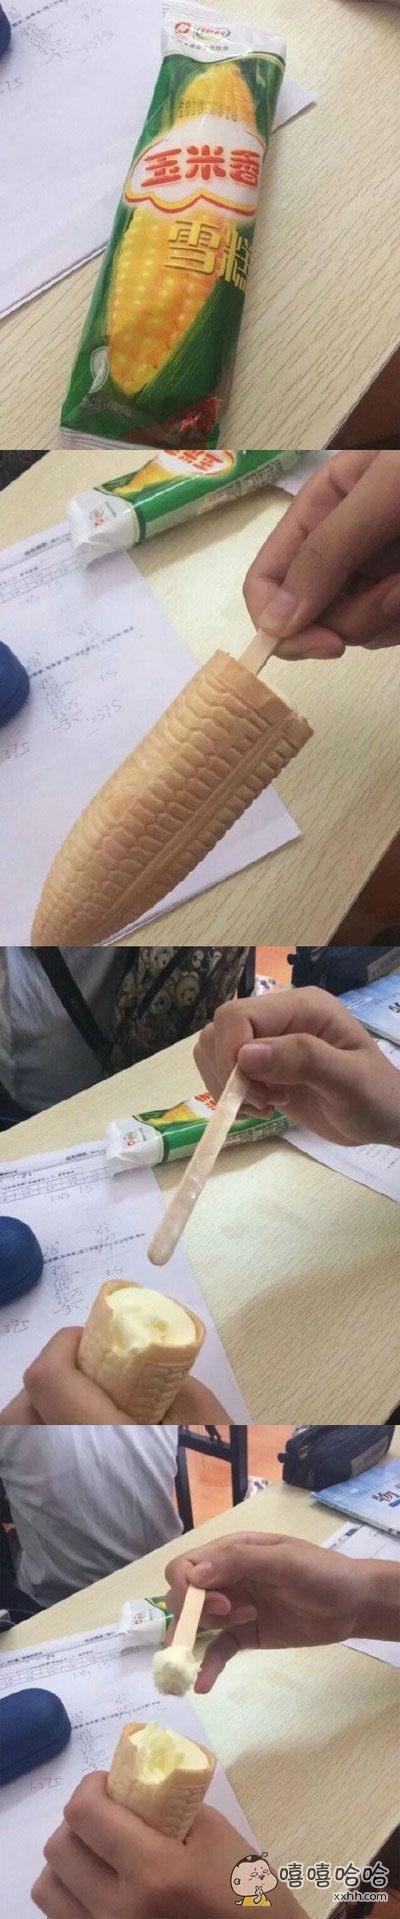 玉米冰淇淋的正确吃法